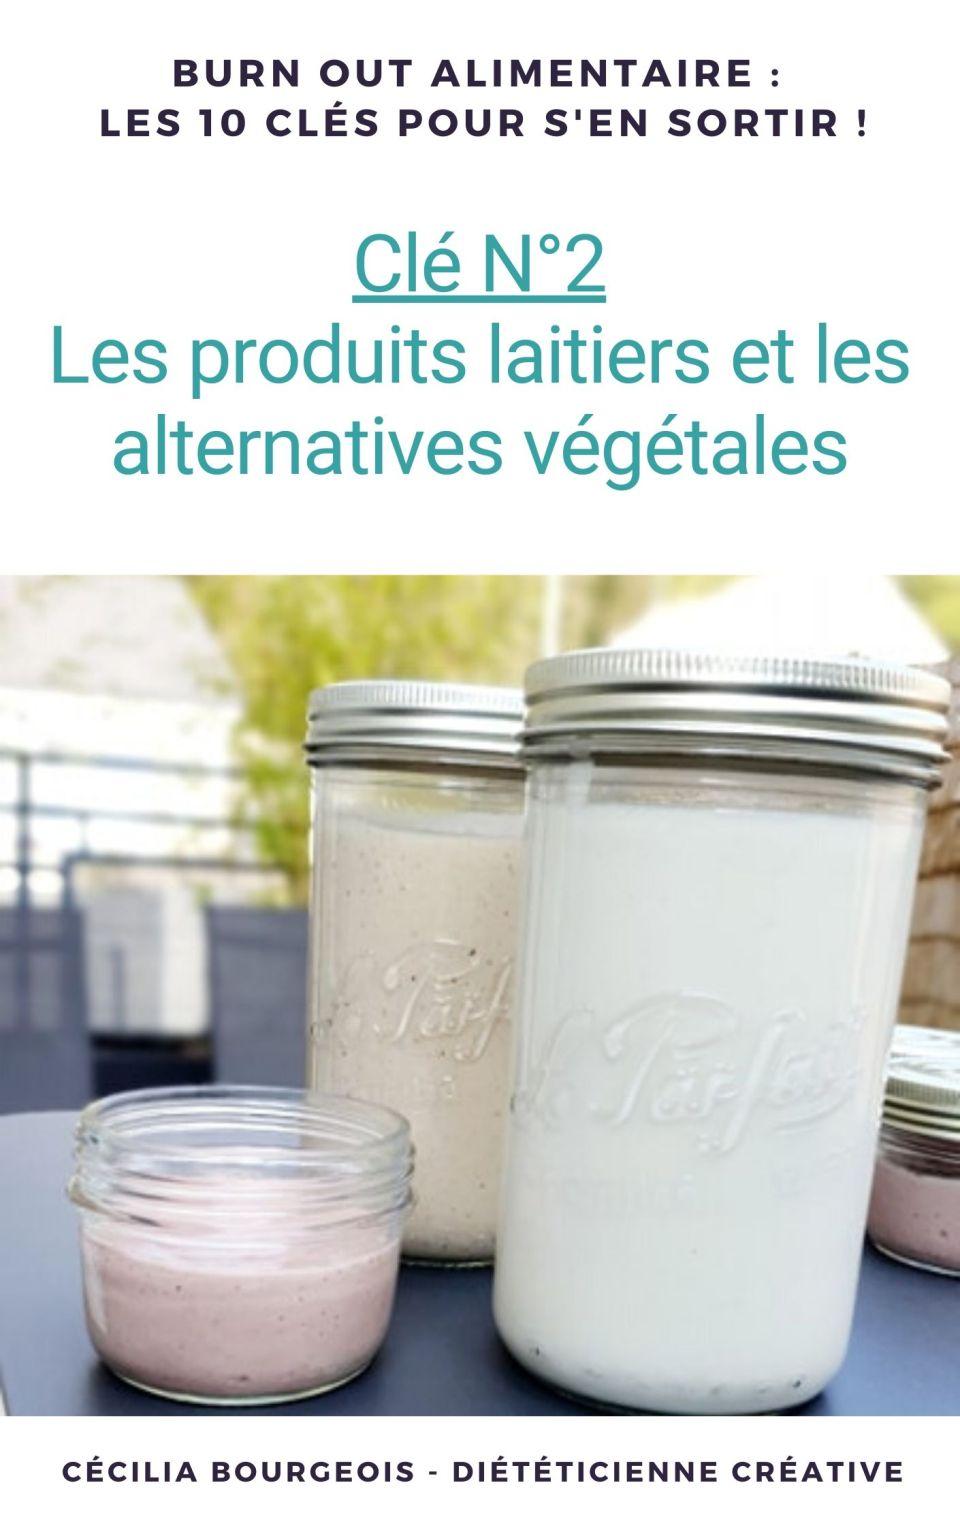 Clé N°2 Les produits laitiers et leurs alternatives végétales